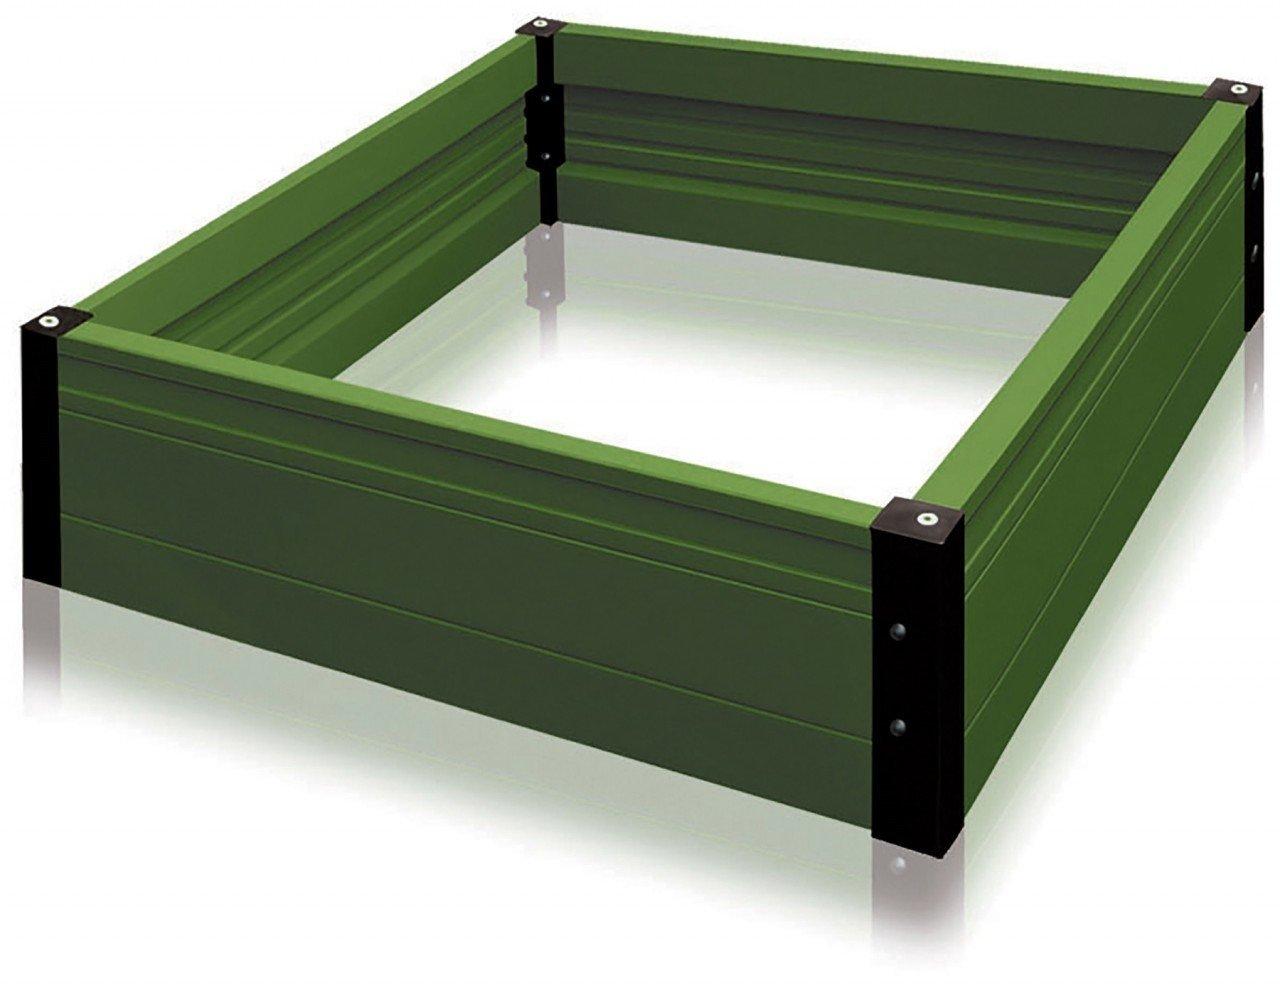 TOLO Pflanzbeet / 4 Teile: 1 Beetumrandung, 1 Auskleidung, 1 Foliendach + 1 Netz / Maße: 150 x 75 x 28 cm / Material: Kunststoff / 5+ günstig bestellen